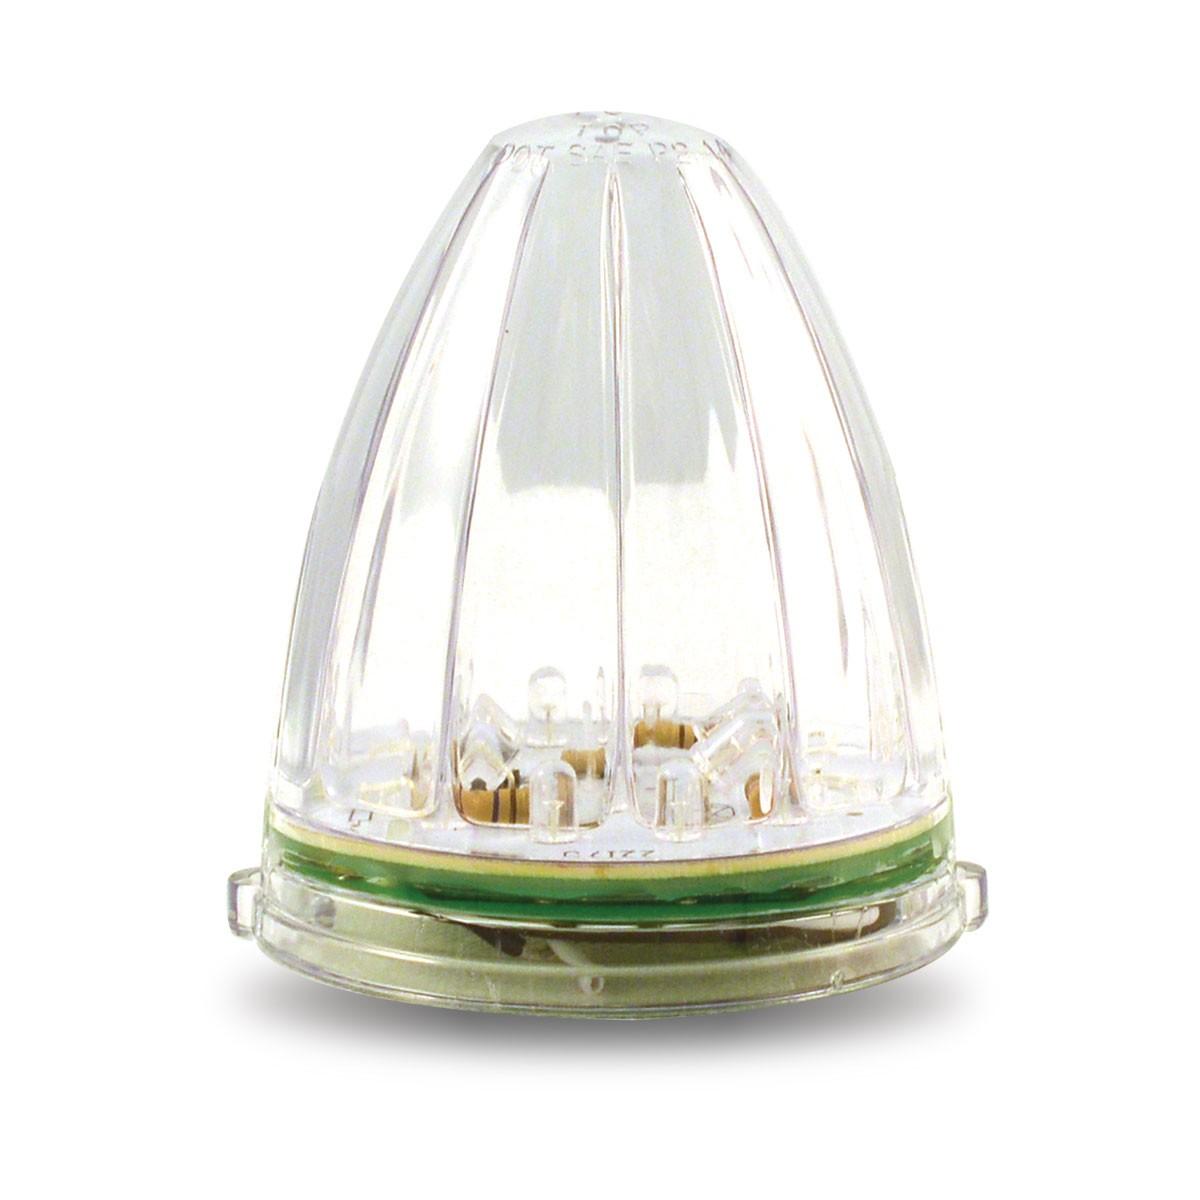 peterbilt cab led clear amber 19 diodes cab leds. Black Bedroom Furniture Sets. Home Design Ideas